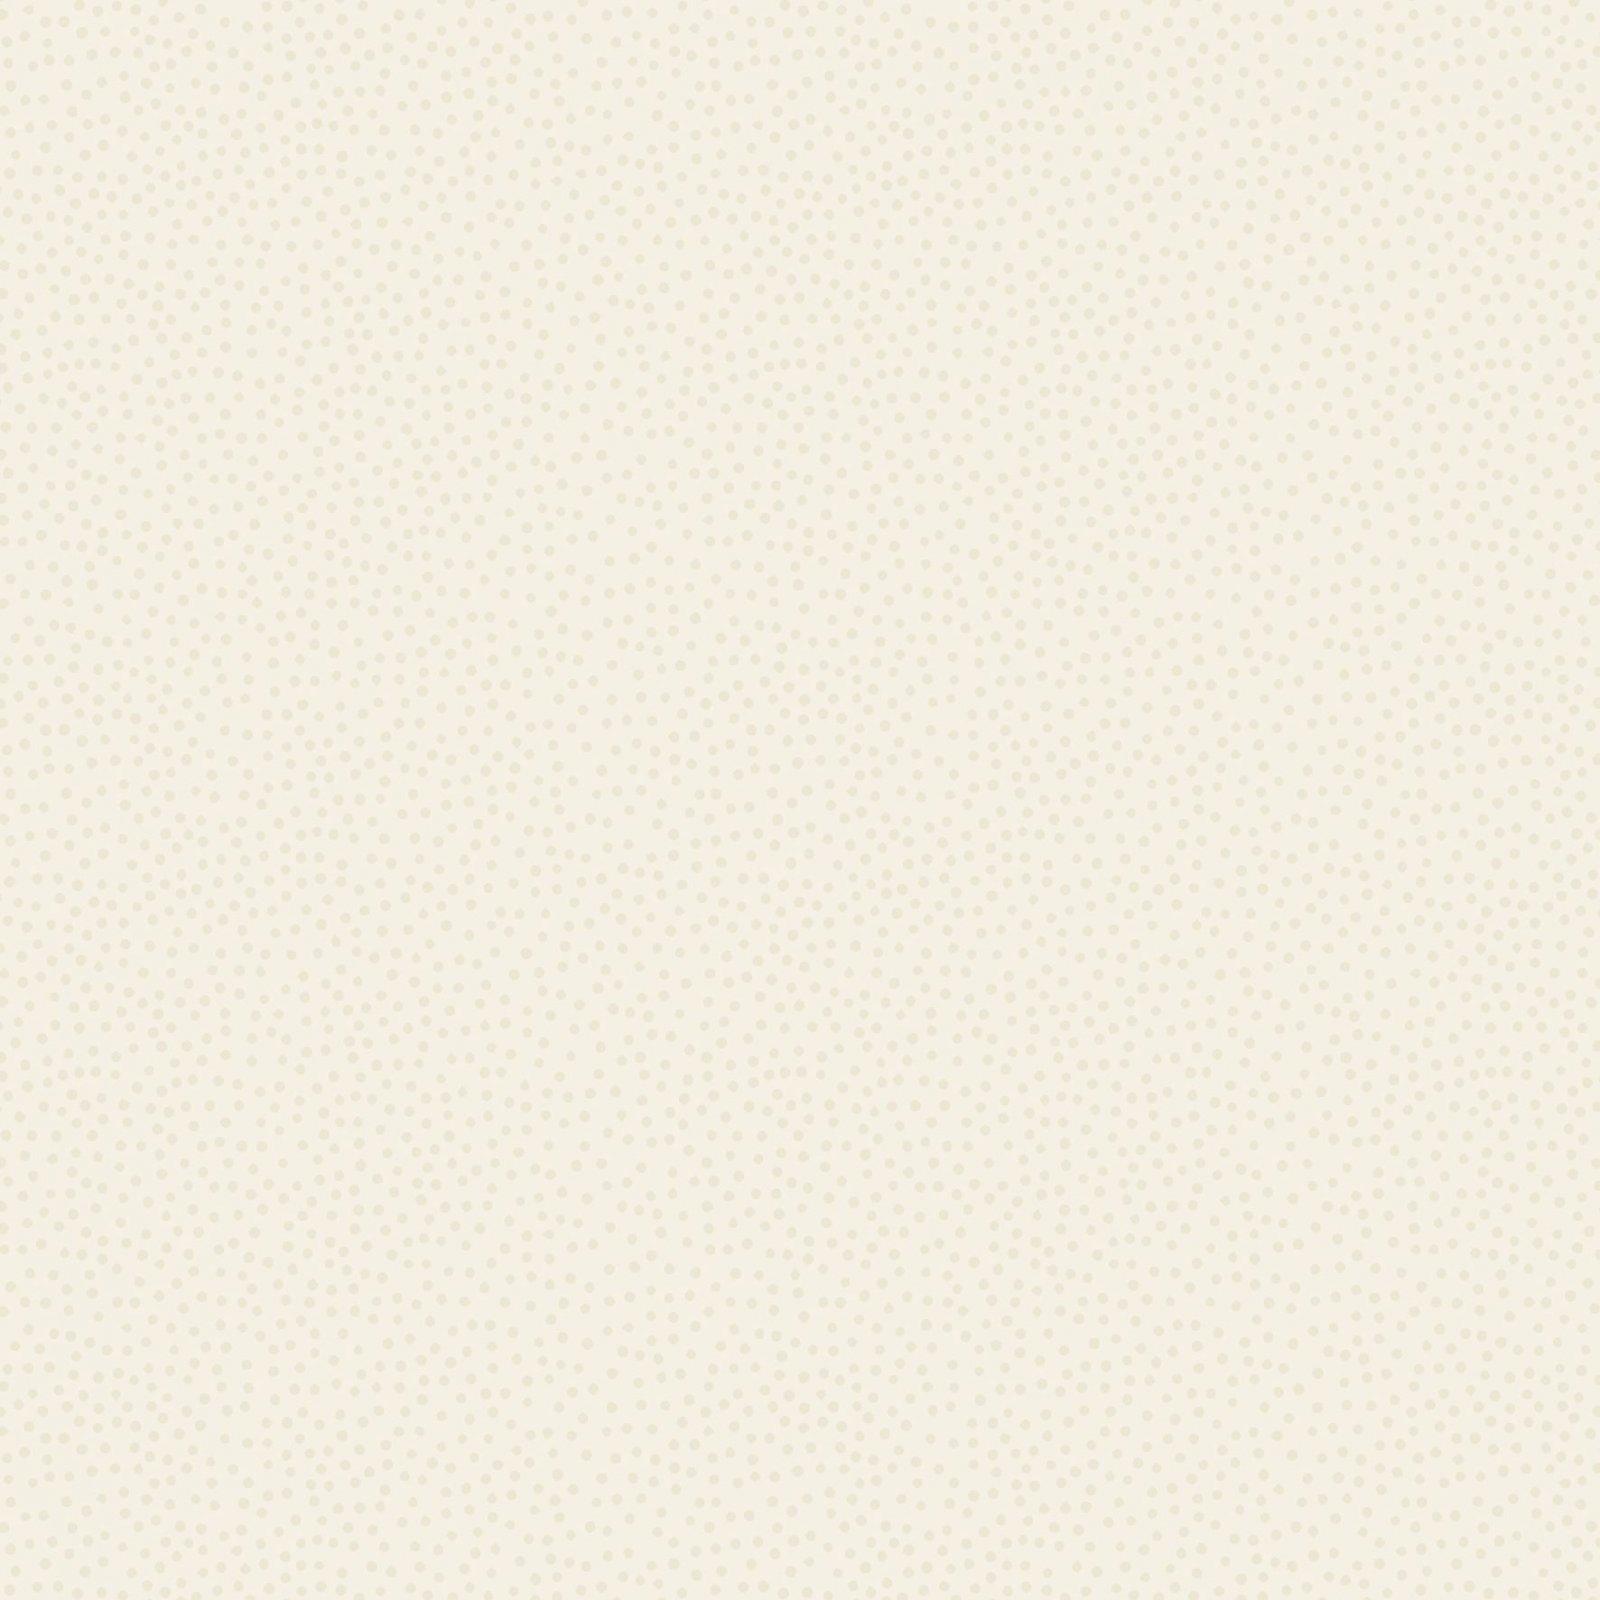 Birdhouse Basics Dot Beige DVW18871